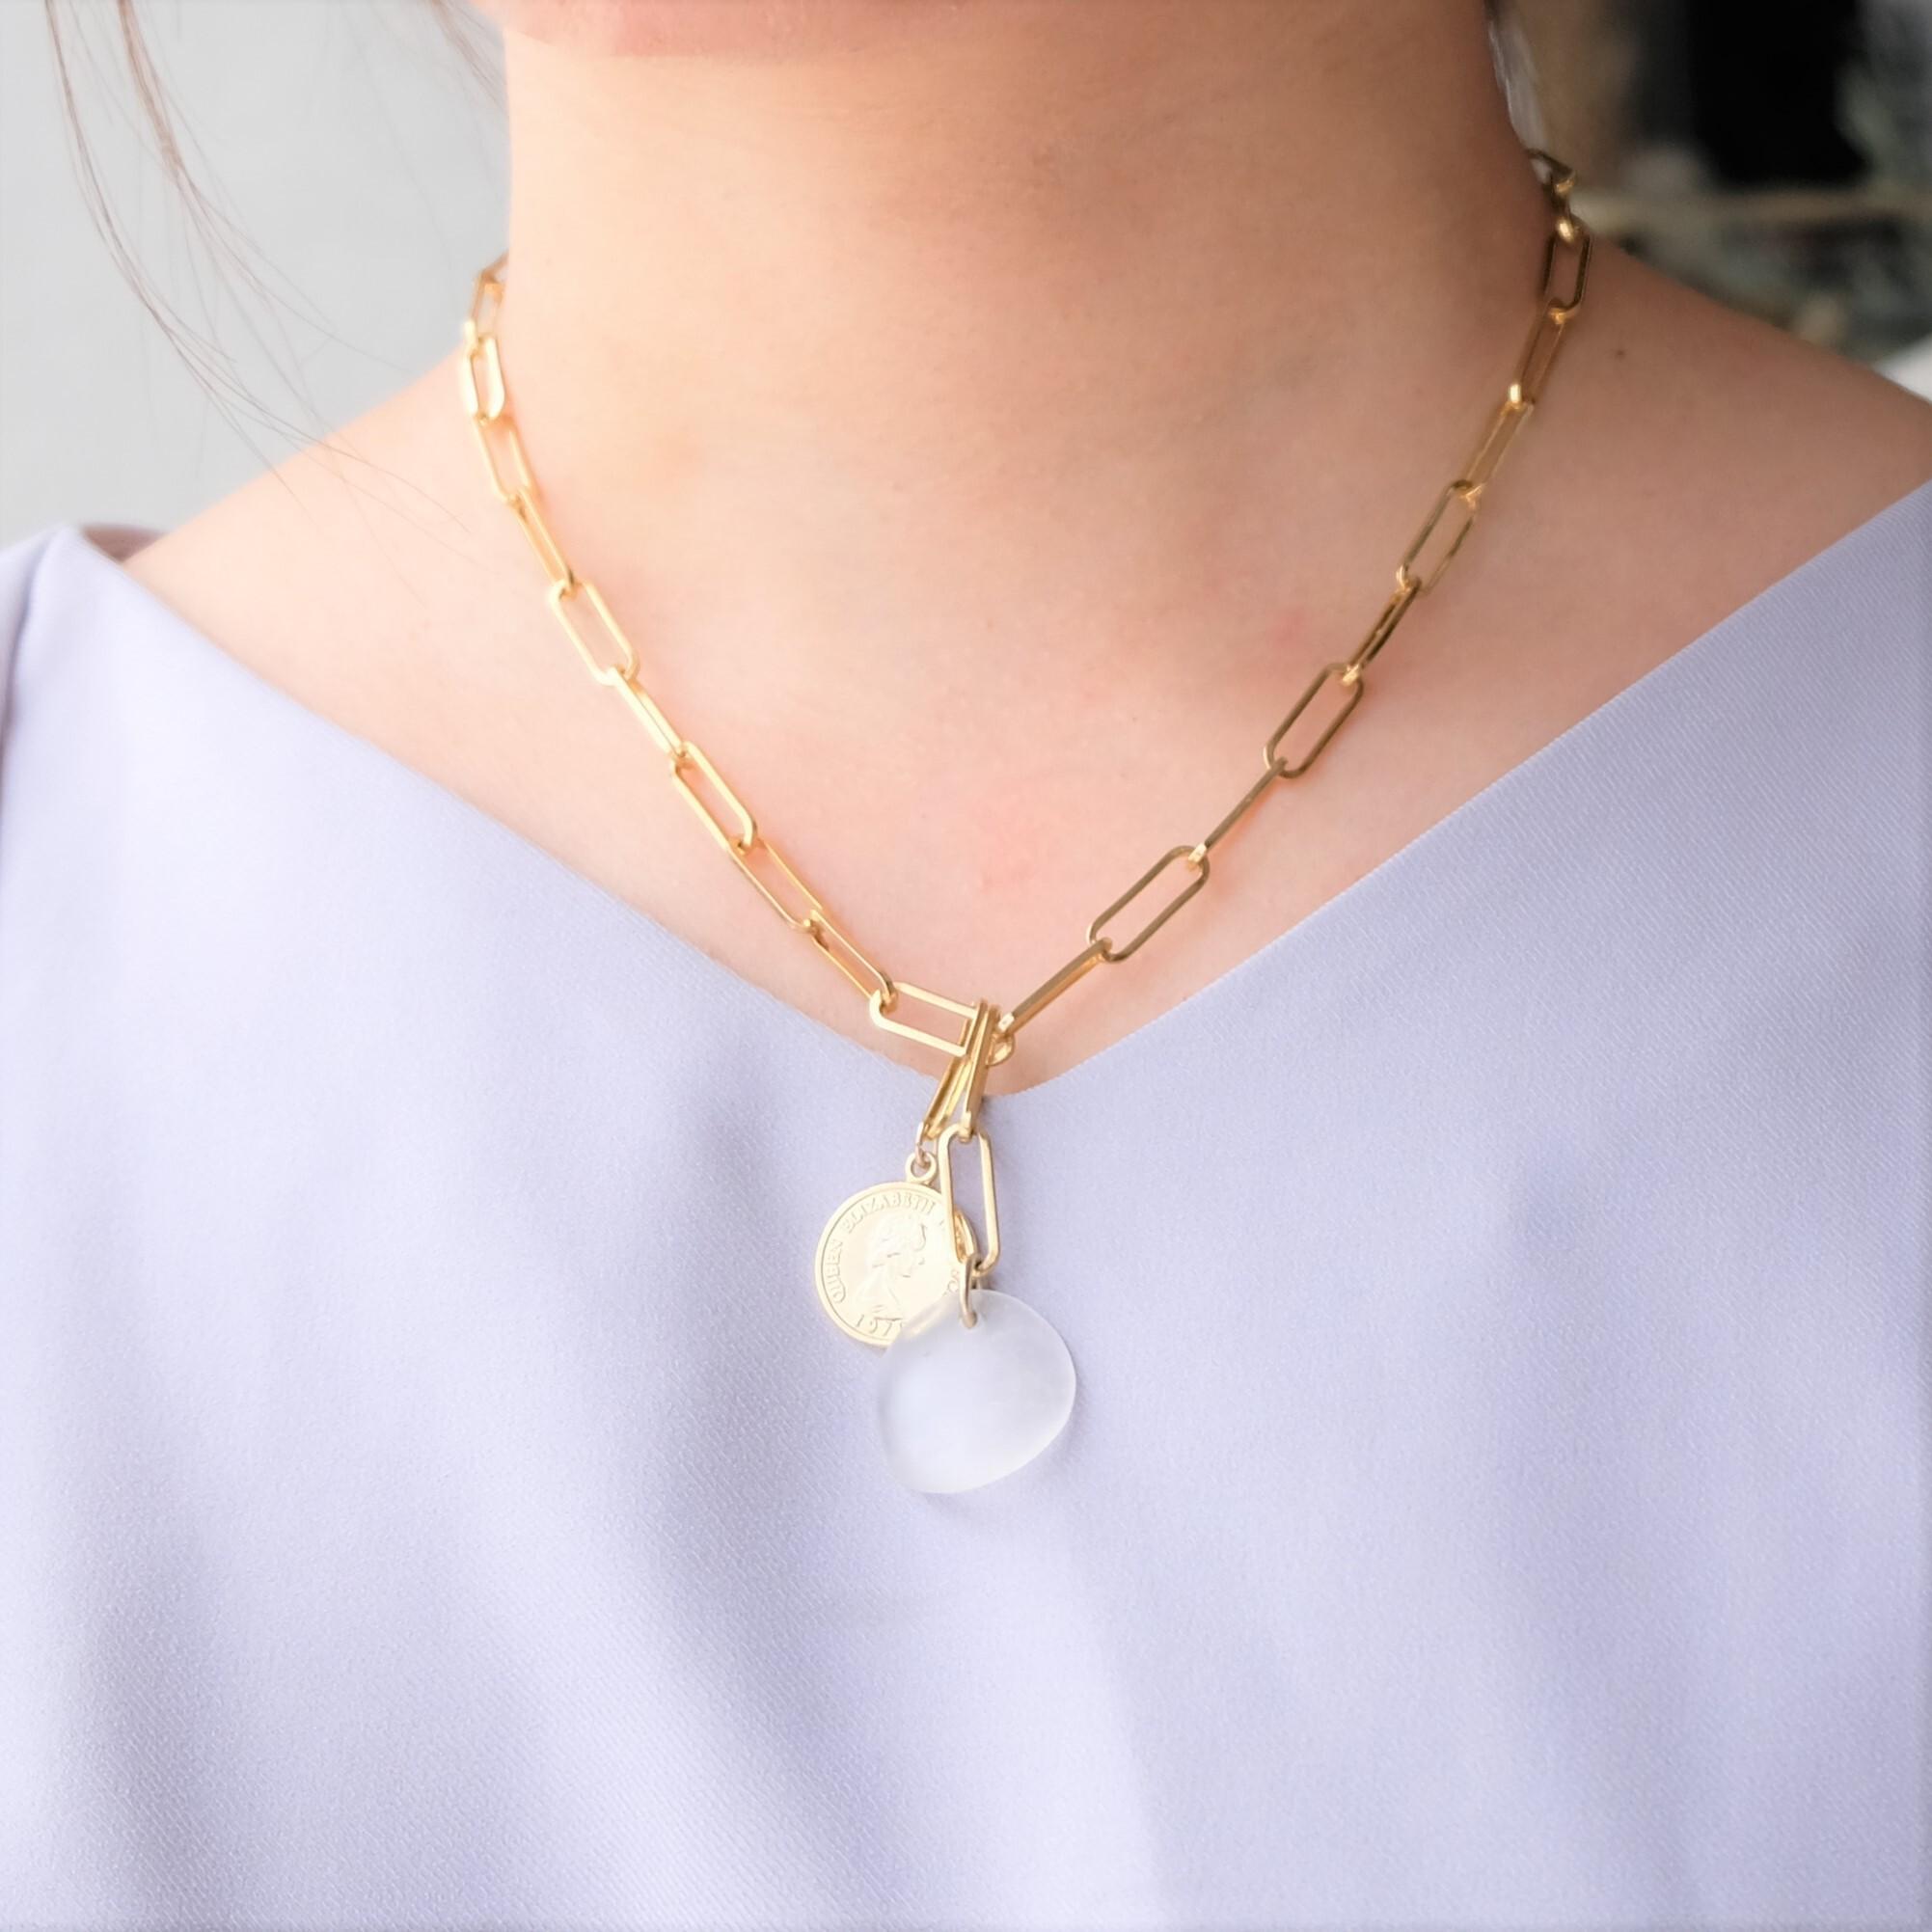 【ネックレス】天然石のチェーンネックレス(ゴールド)